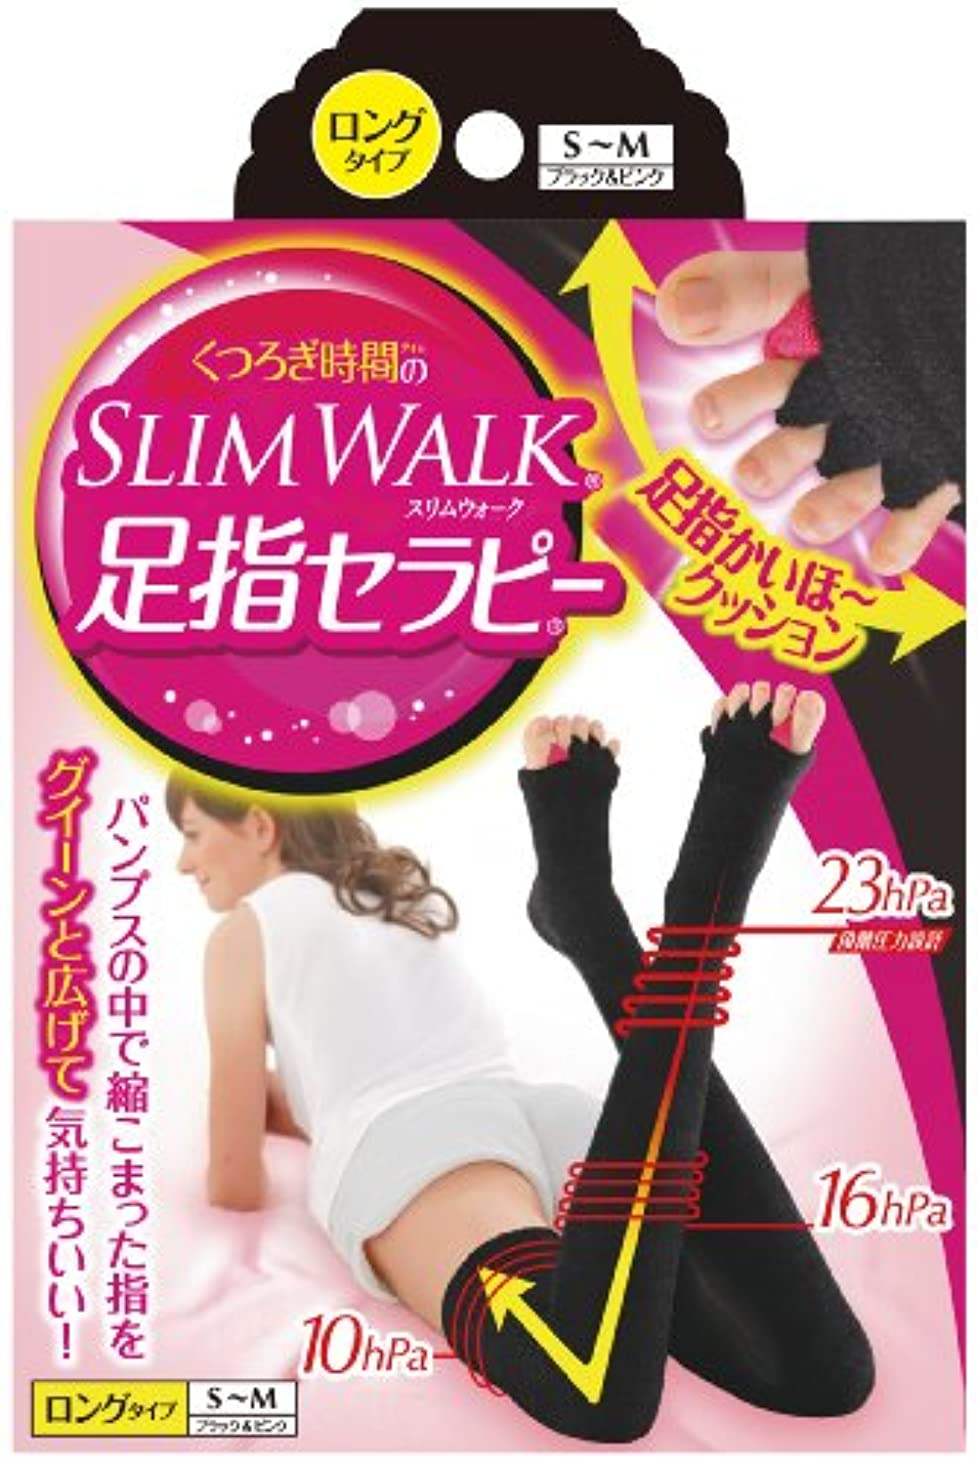 生き物高い茎スリムウォーク 足指セラピー (冬用) ロングタイプ S-Mサイズ ブラック&ピンク(SLIMWALK,split open-toe socks,SM)